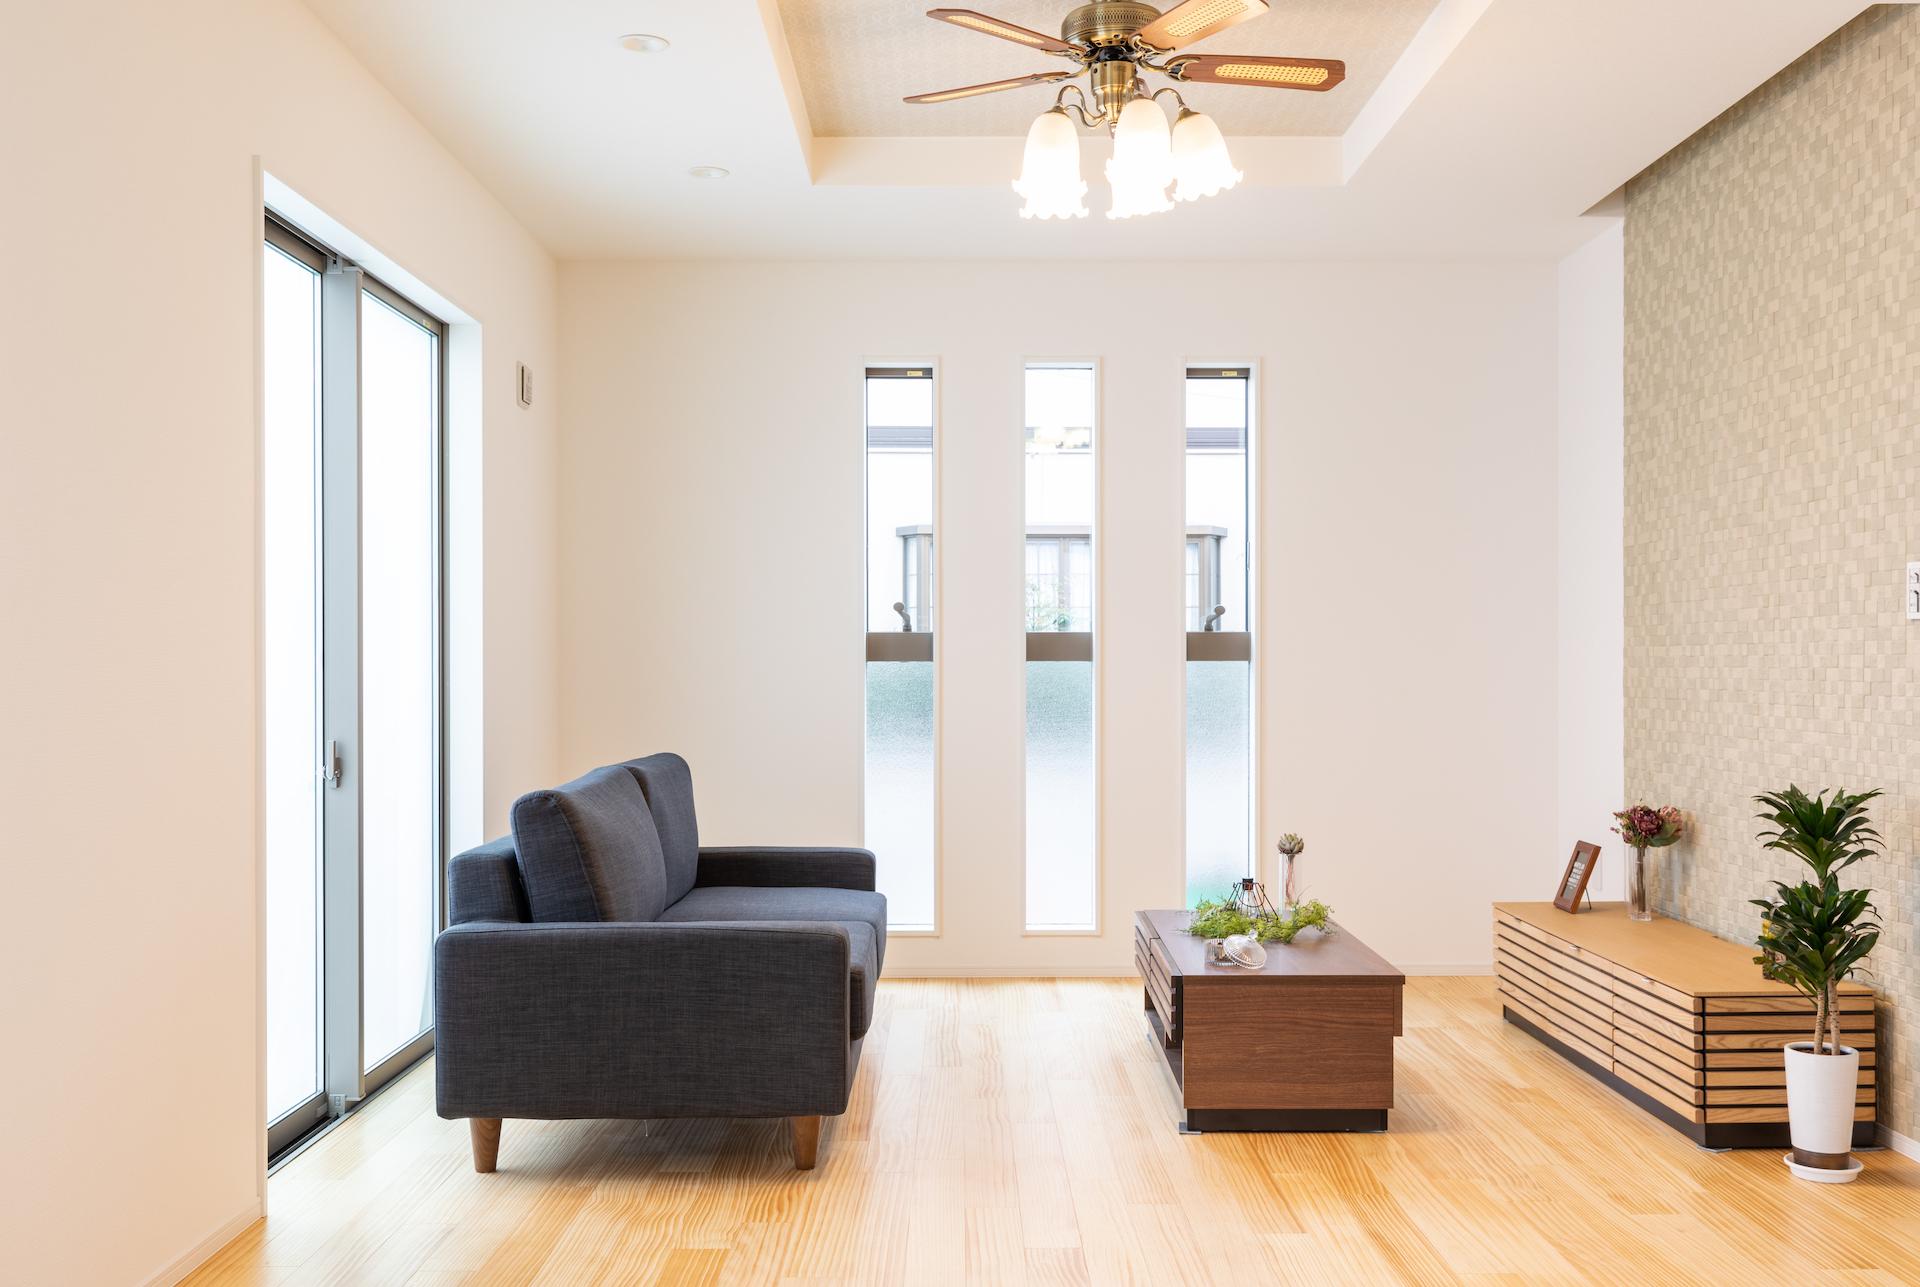 リビングの南は通りに面しているため、スリット窓の下半分を片ガラスにして視線をカット。光だけを室内に招き入れる